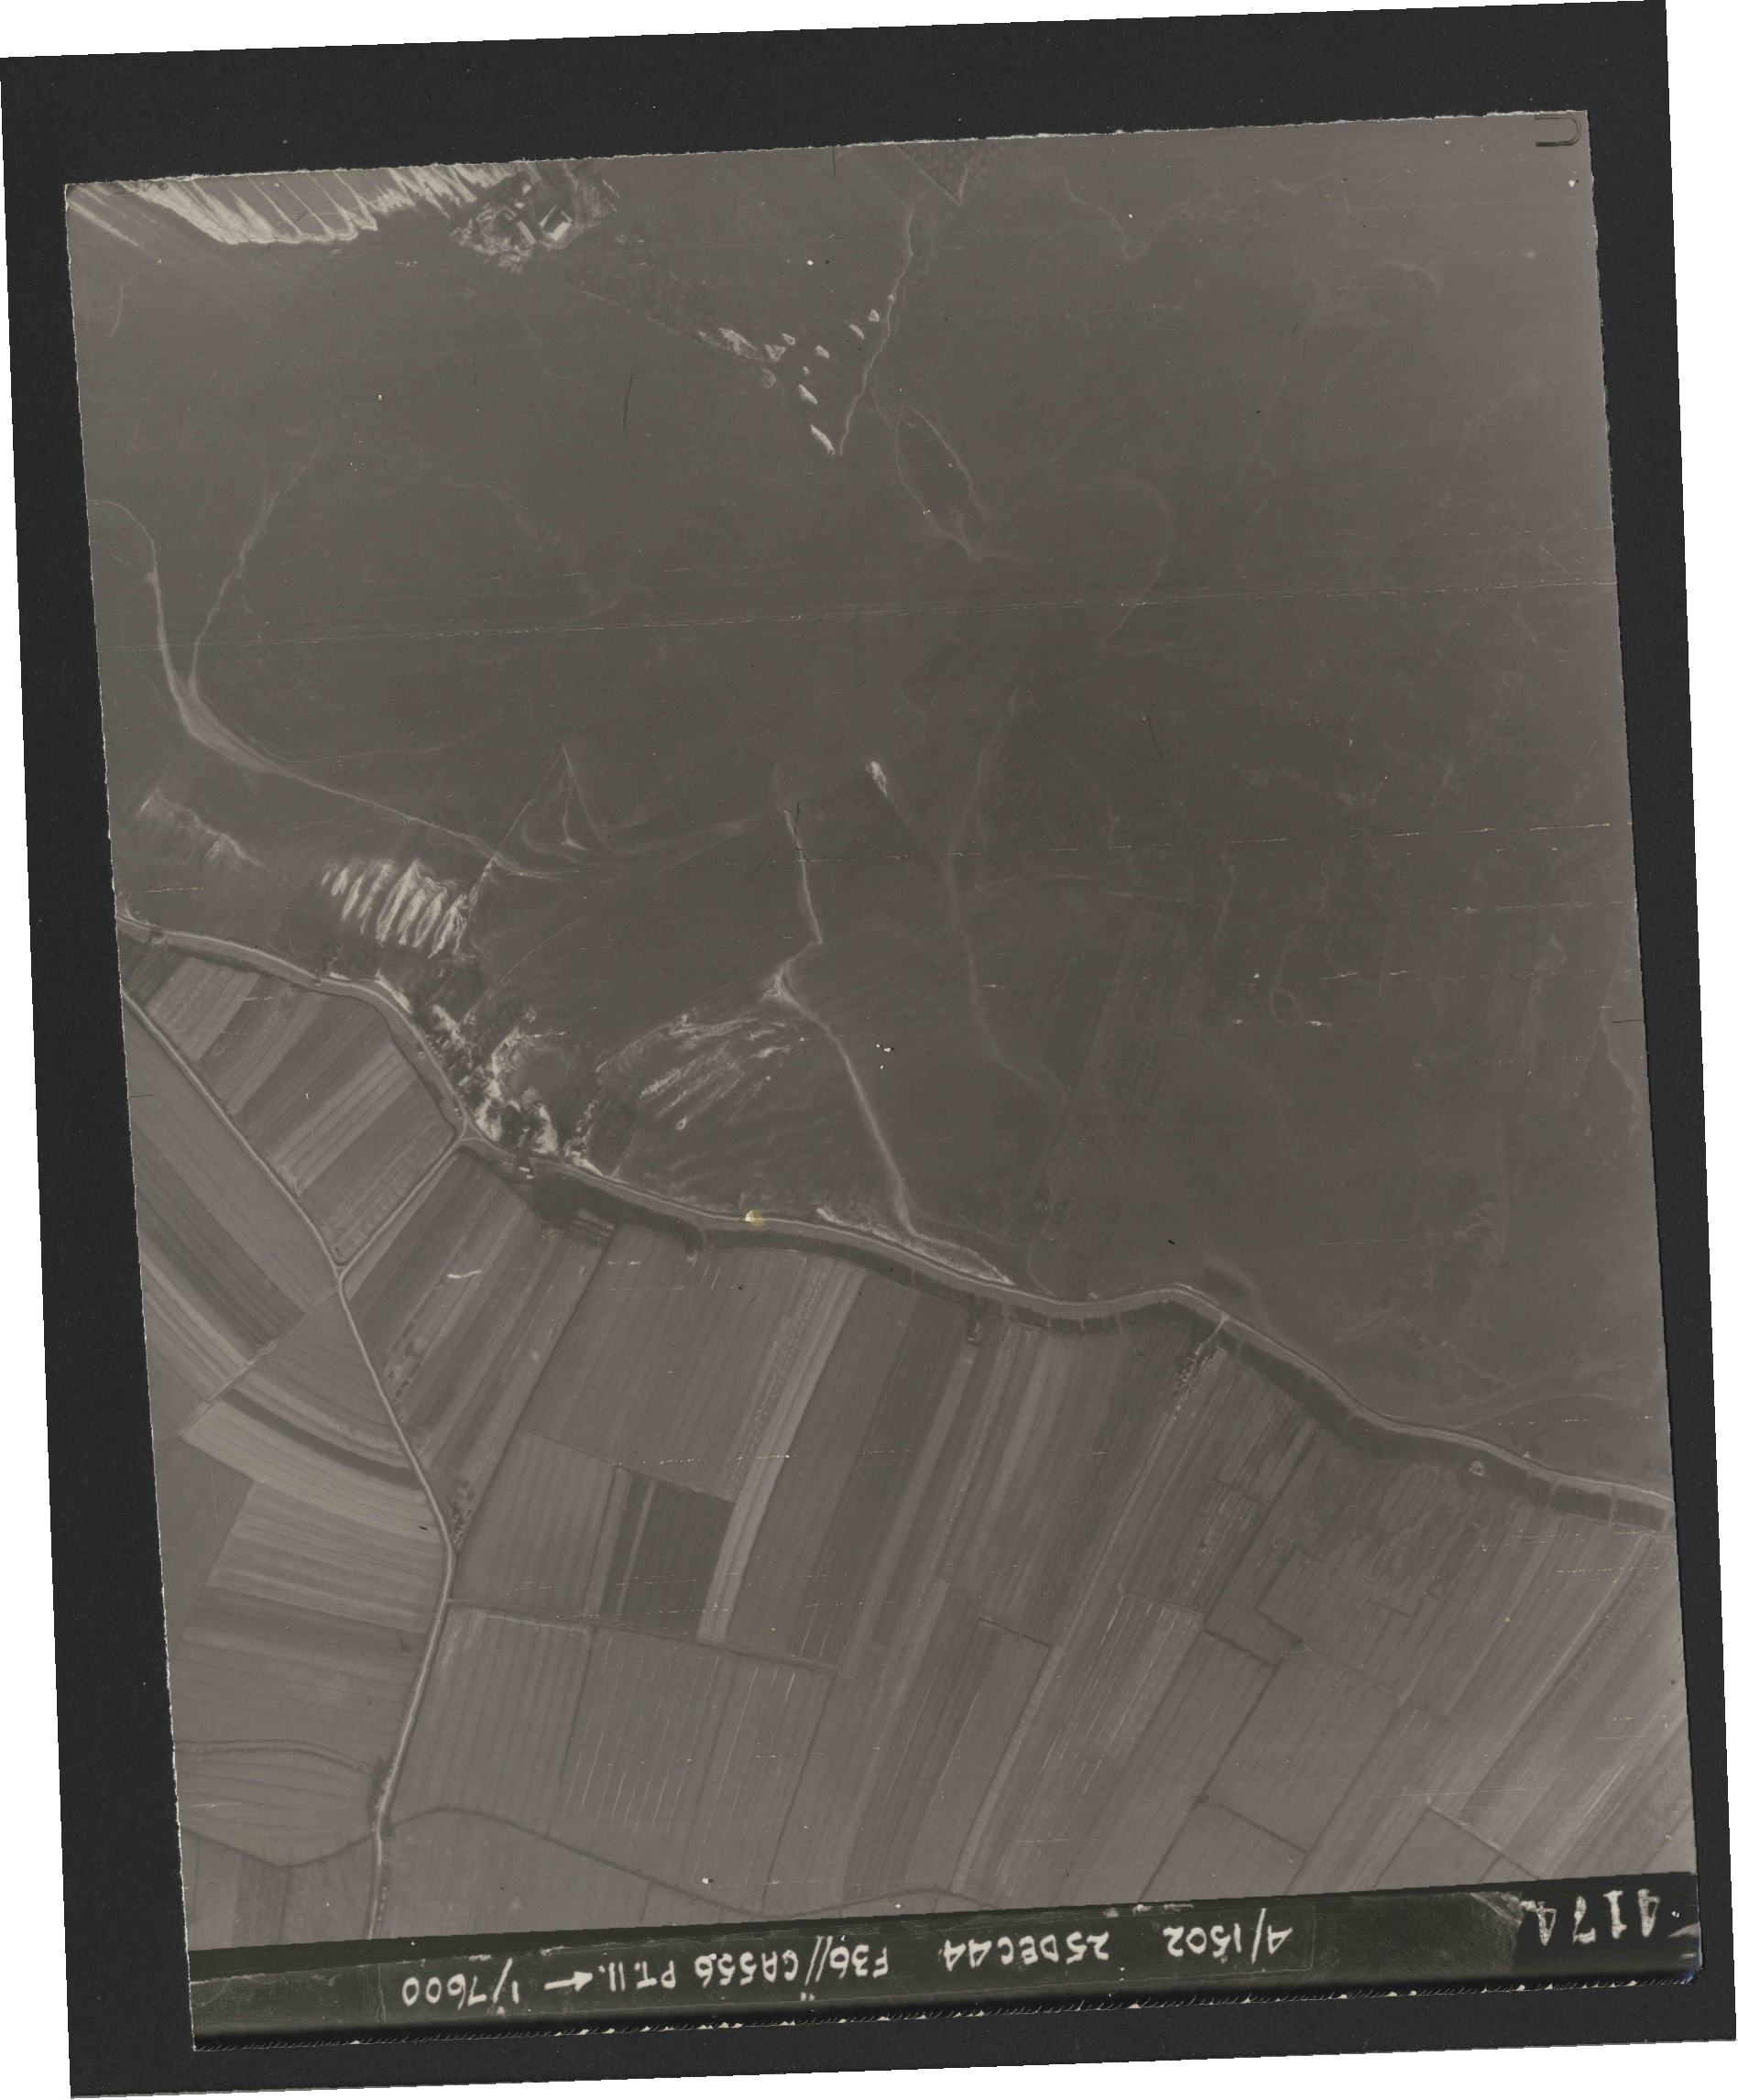 Collection RAF aerial photos 1940-1945 - flight 306, run 05, photo 4174